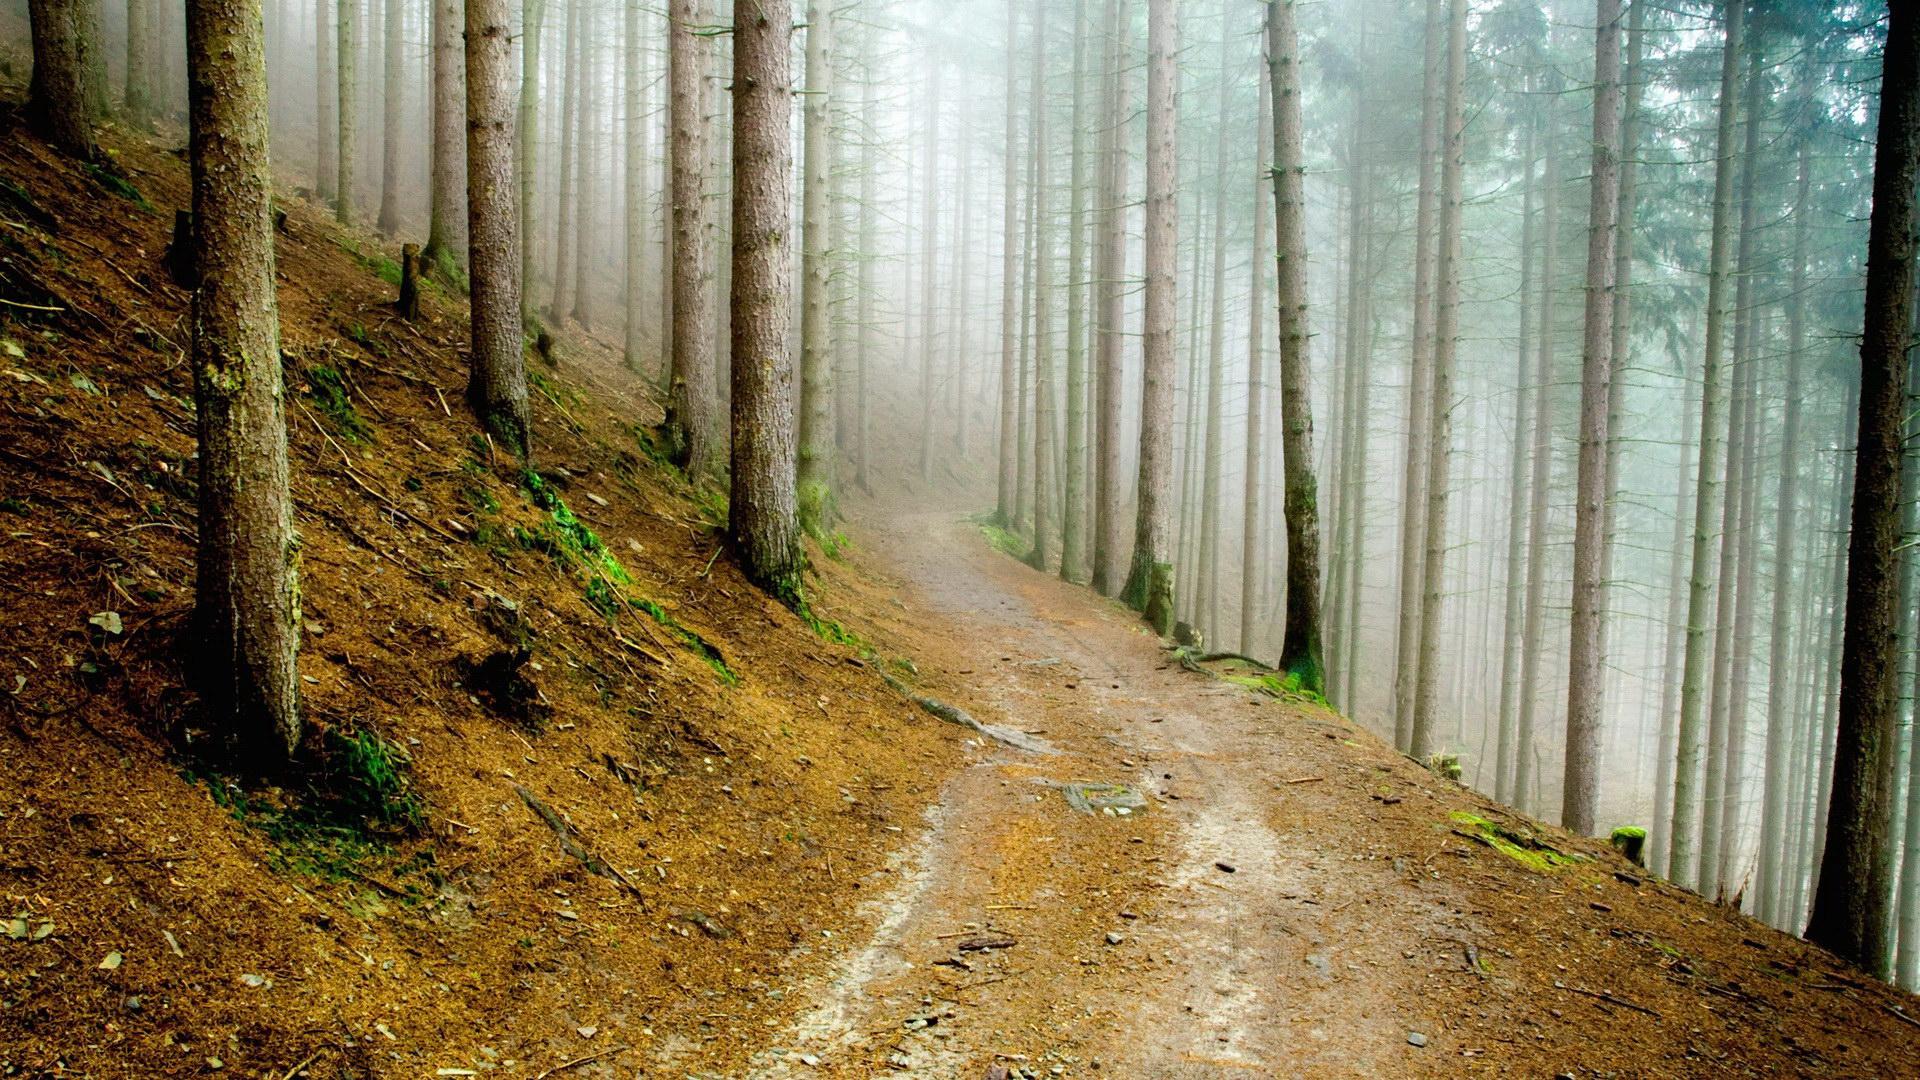 森林树林风景桌面壁纸下载该壁纸; 个人收集高清风景桌面1920 1200